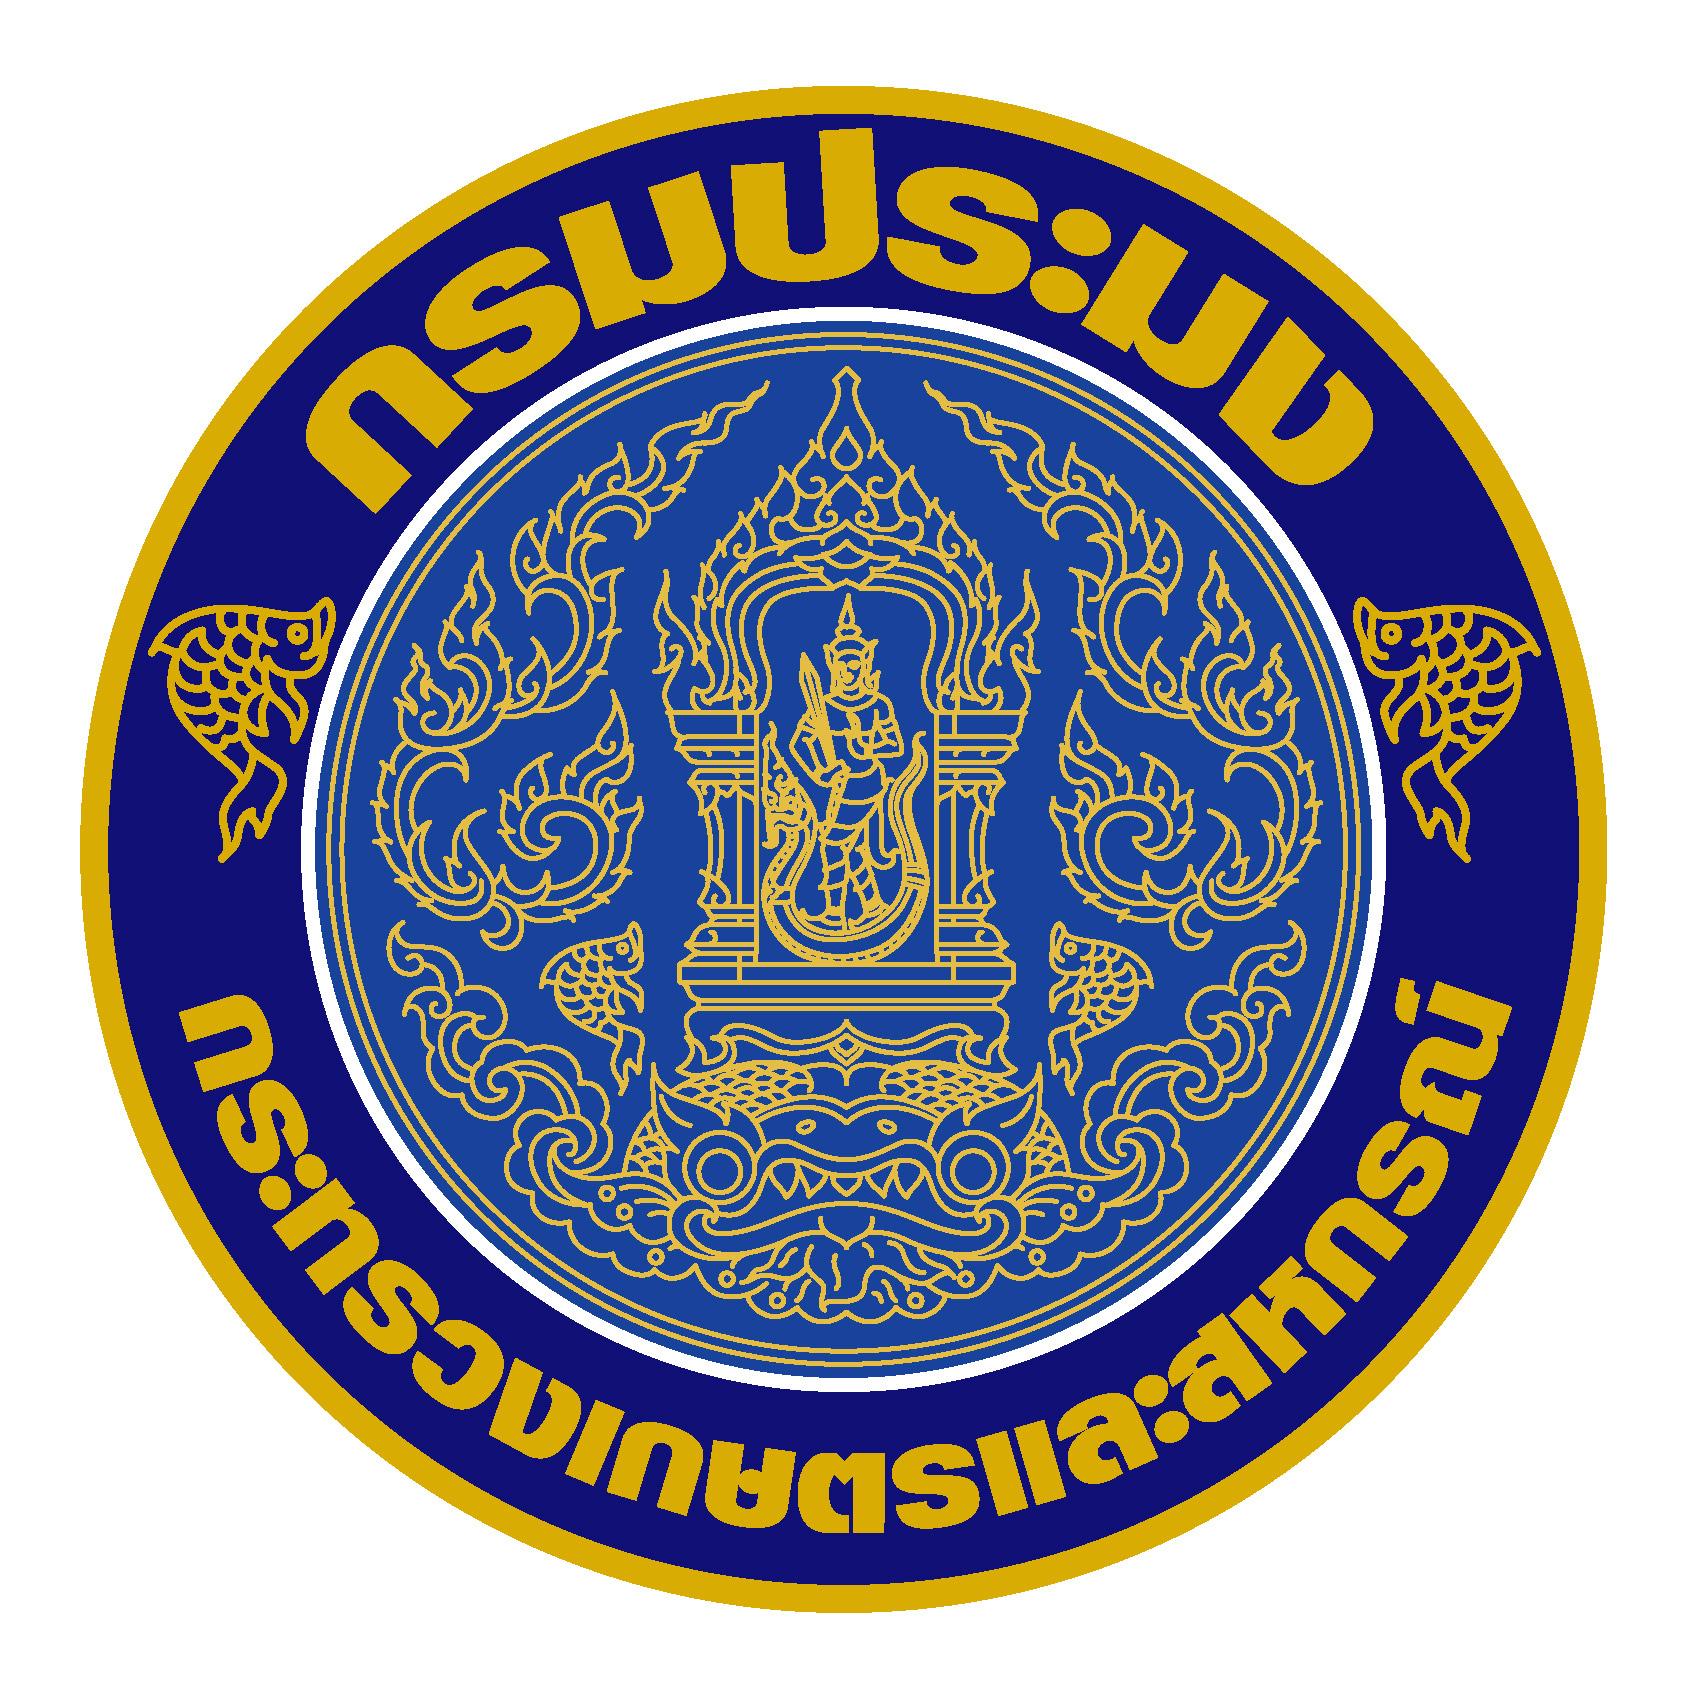 สมัครด่วนๆ กรมประมง รับสมัครพนักงานราชการ หลายอัตรา วันที่ 18 พฤษภาคม –  5 มิถุนายน พ.ศ. 2563